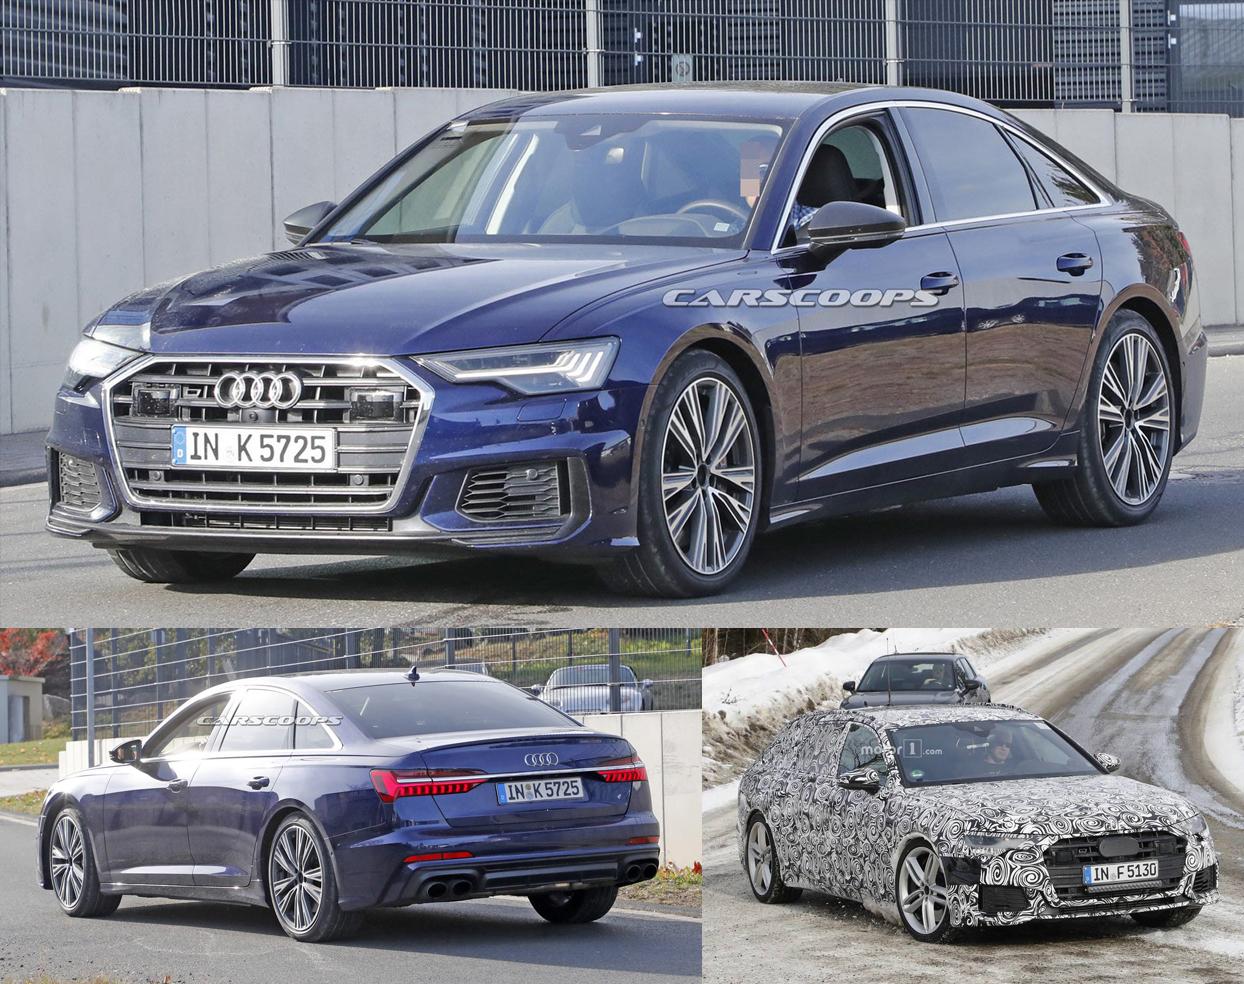 برترین خودروهایی که در سال ۲۰۱۹ معرفی میشوند +تصاویر - 2